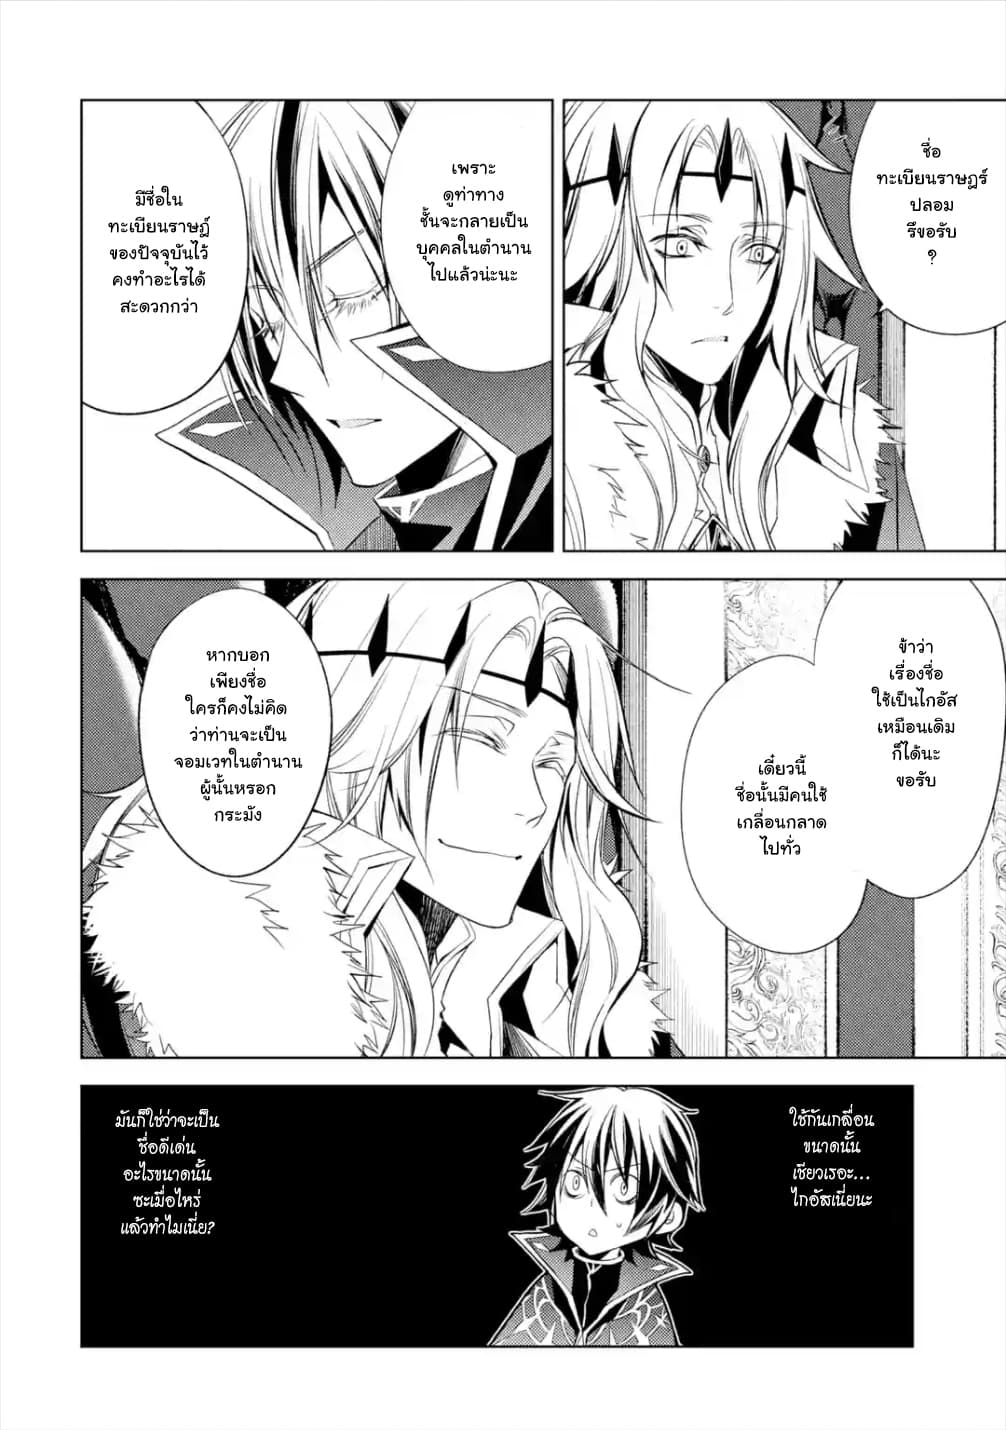 อ่านการ์ตูน Senmetsumadou no Saikyokenja ตอนที่ 5.1 หน้าที่ 10